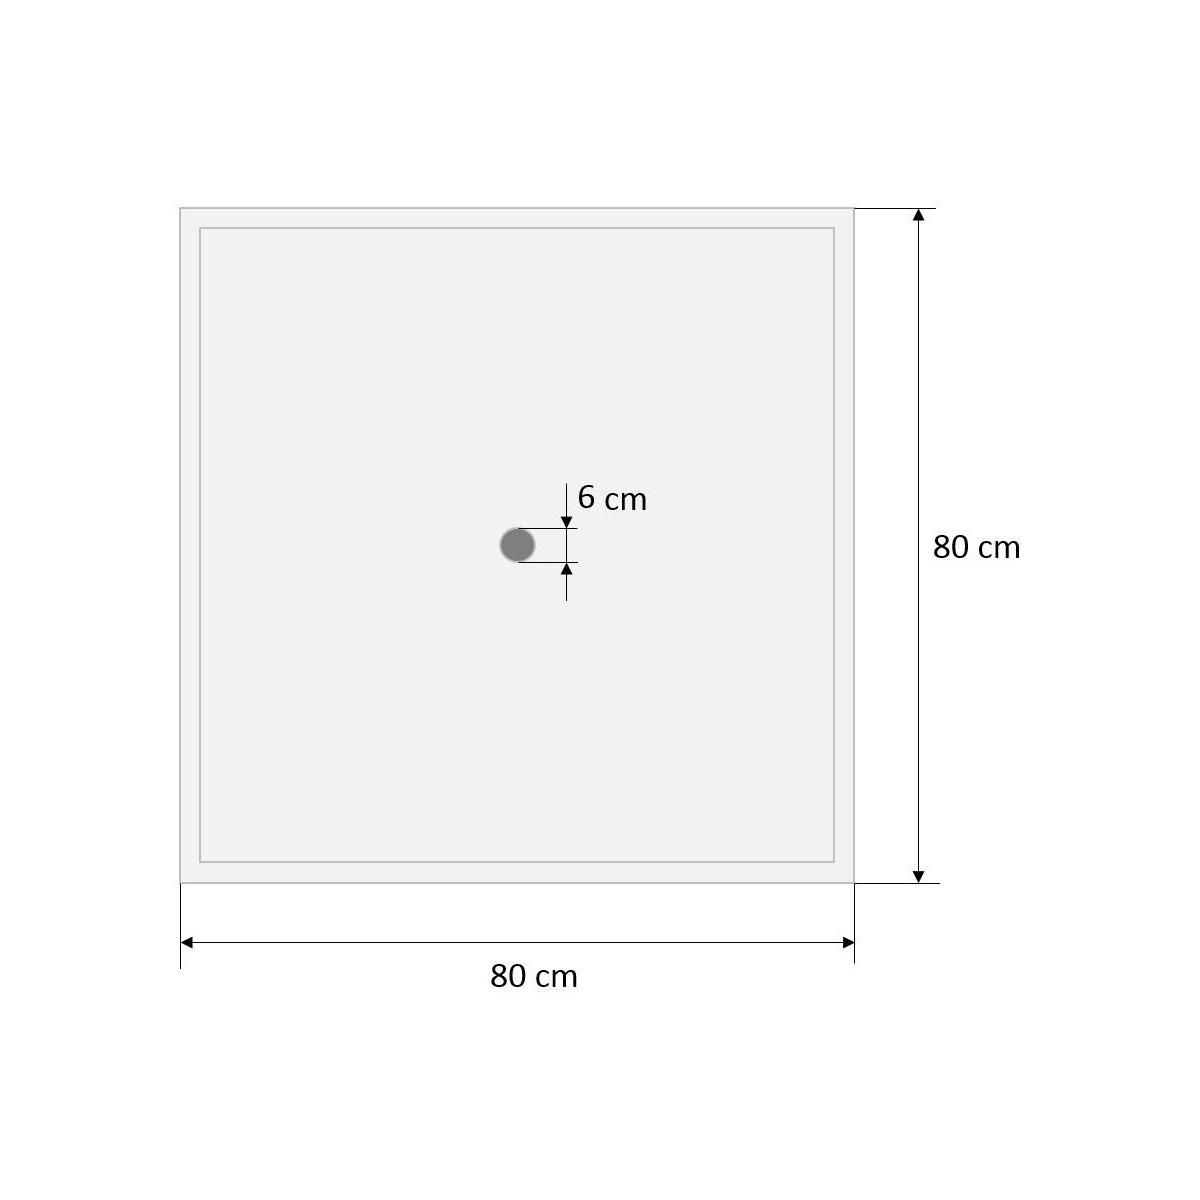 Plato de ducha para piscinas de 80x80 Prefabricados López